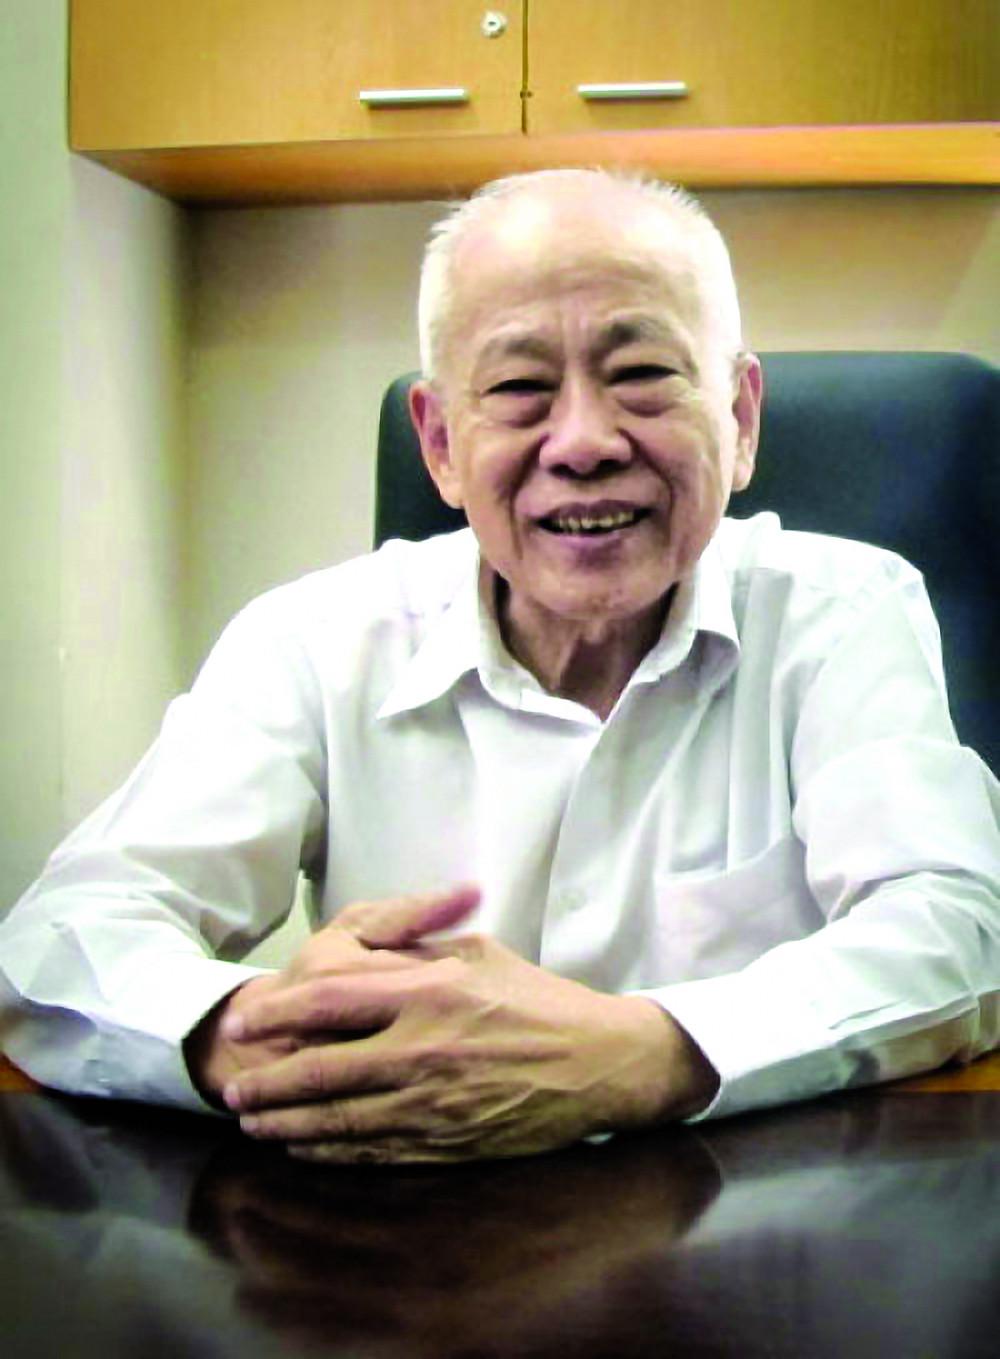 Luật sư Trần Văn Tạo